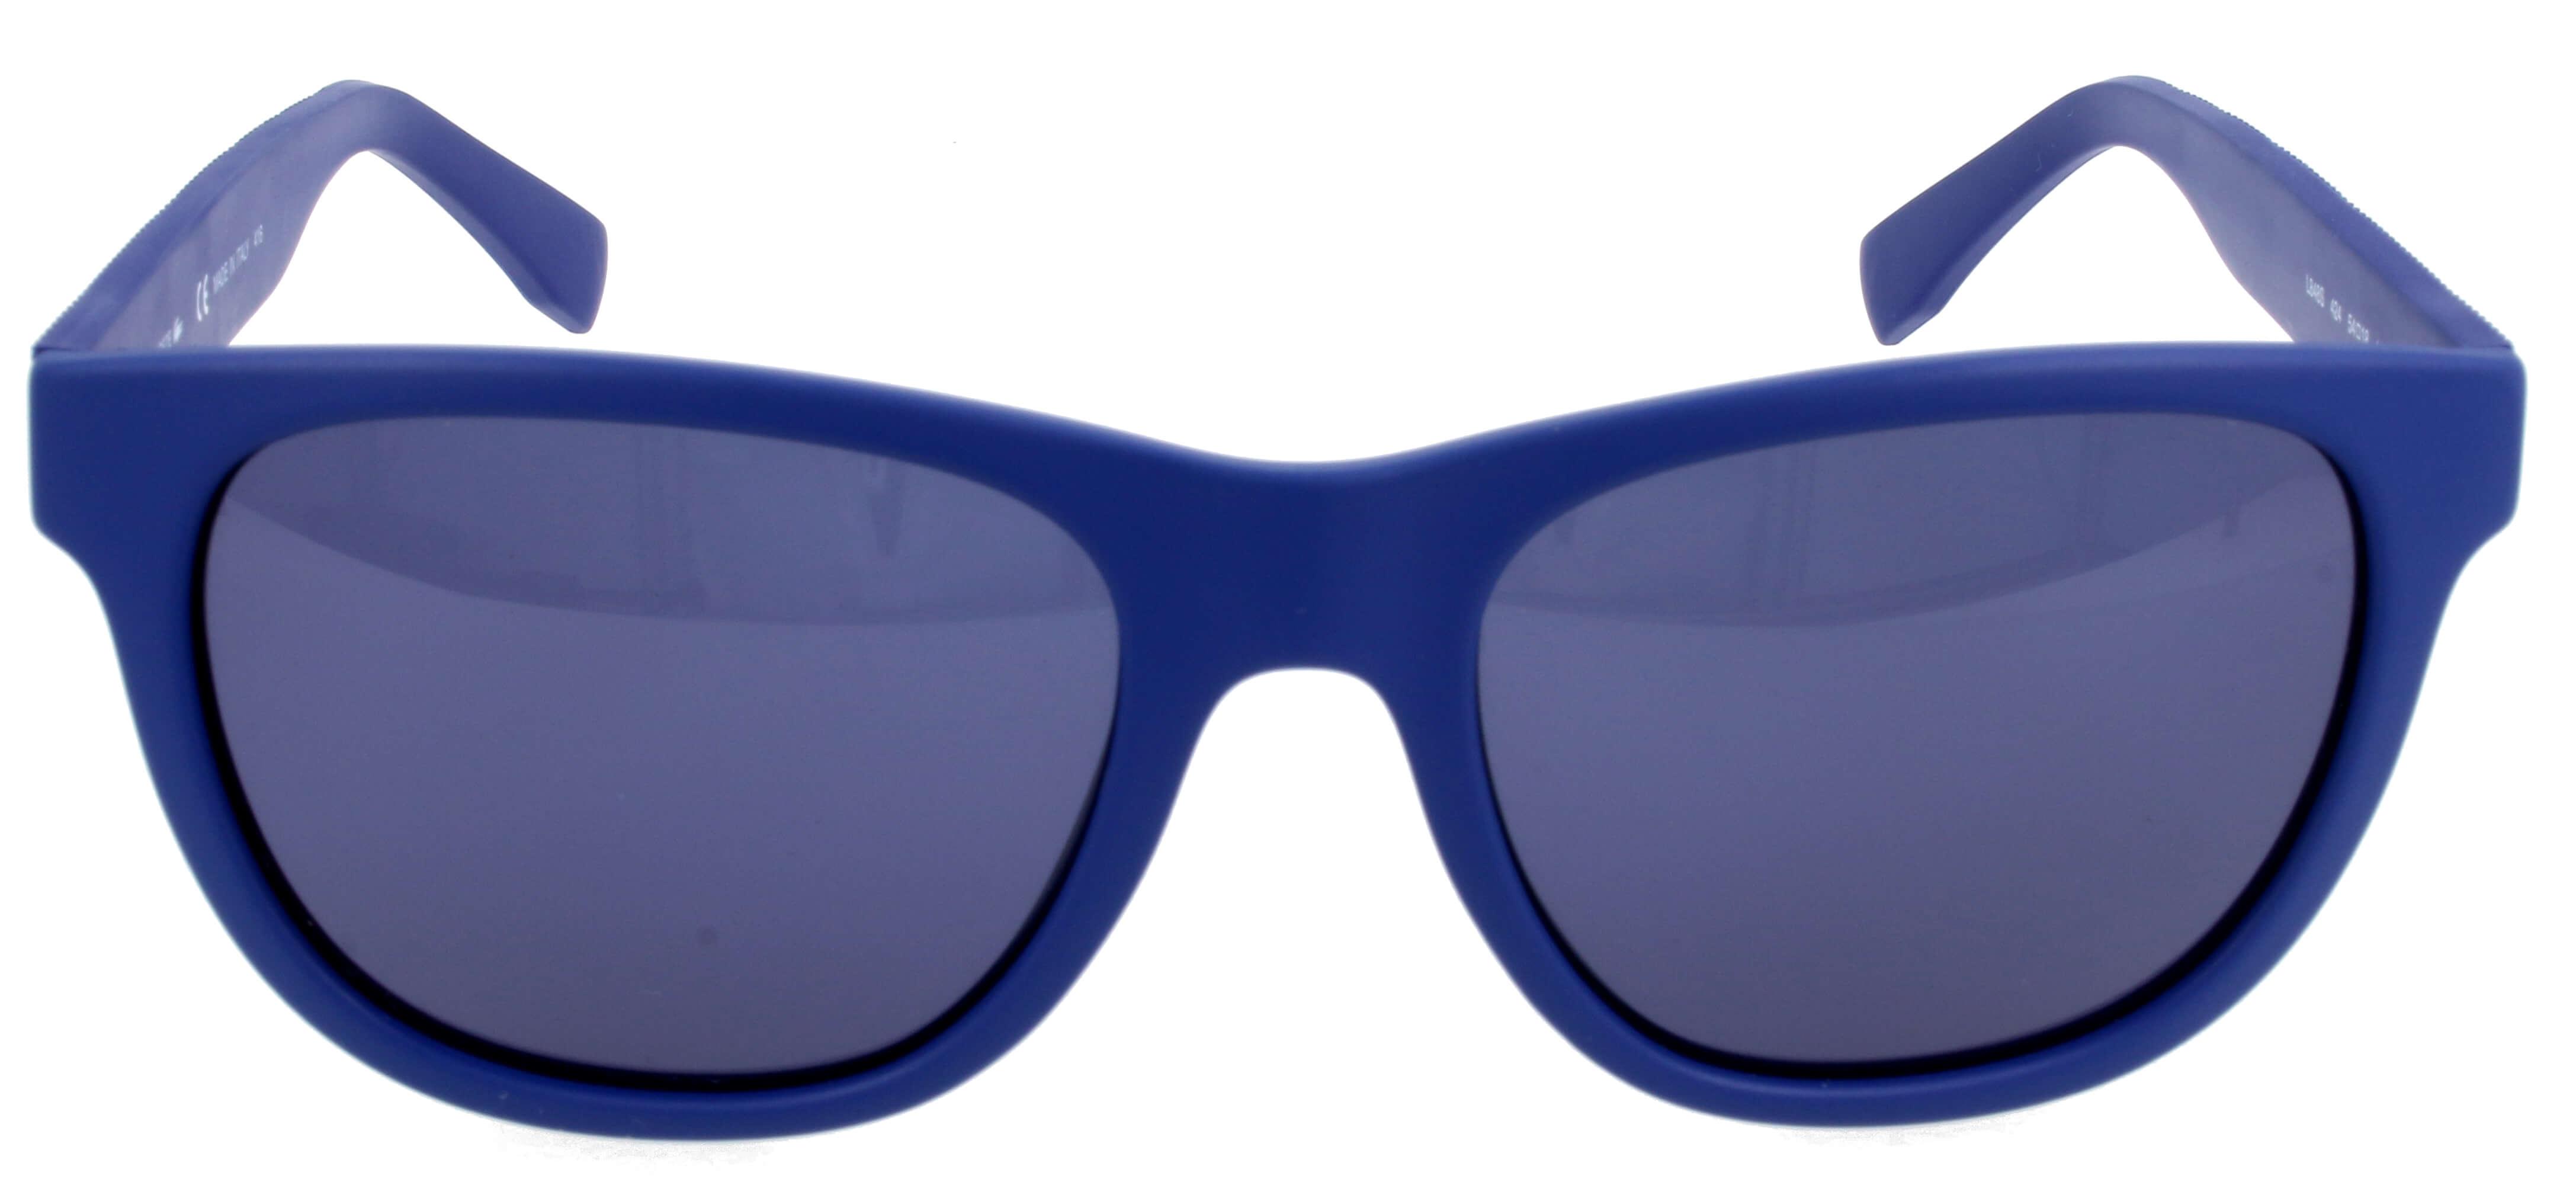 Lacoste Slnečné okuliare L848S 32890 424 Doprava ZDARMA  6957106b541